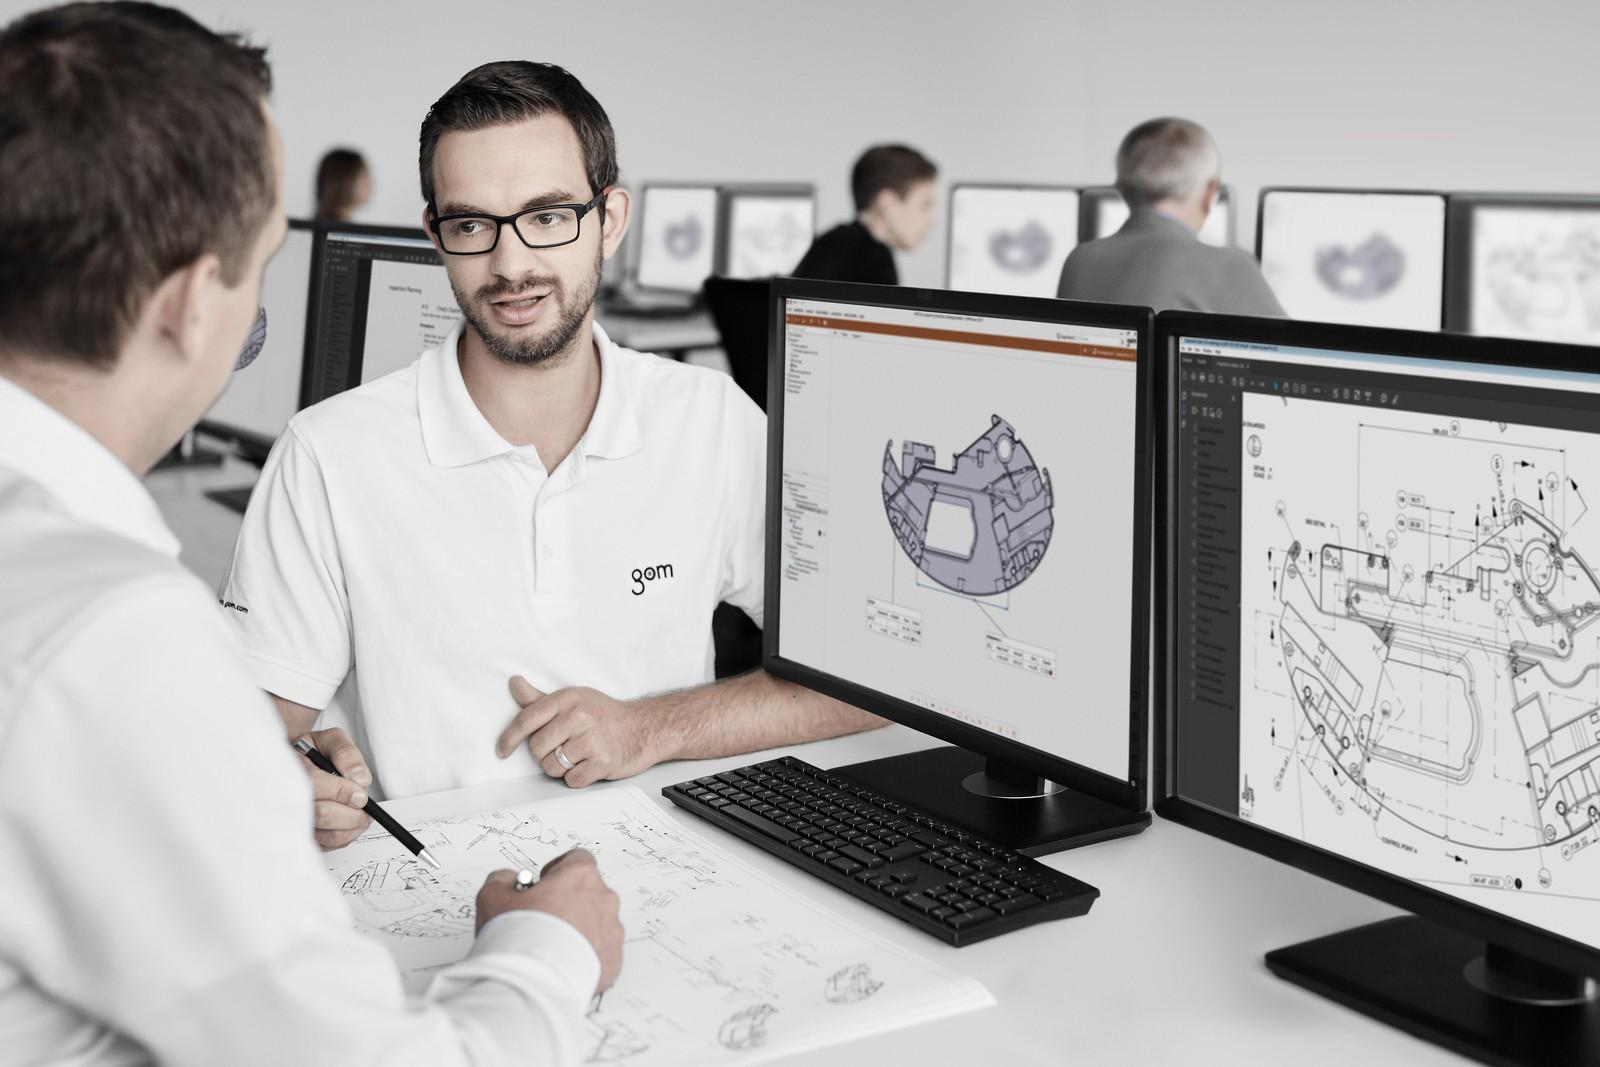 Die GOM Inspect Einführungsseminare finden in der GOM Firmenzentrale in Braunschweig statt. Darüber hinaus wird das Seminar an zwei Terminen auch im Schulungszentrum des GOM Partners Topometric in Göppingen angeboten.